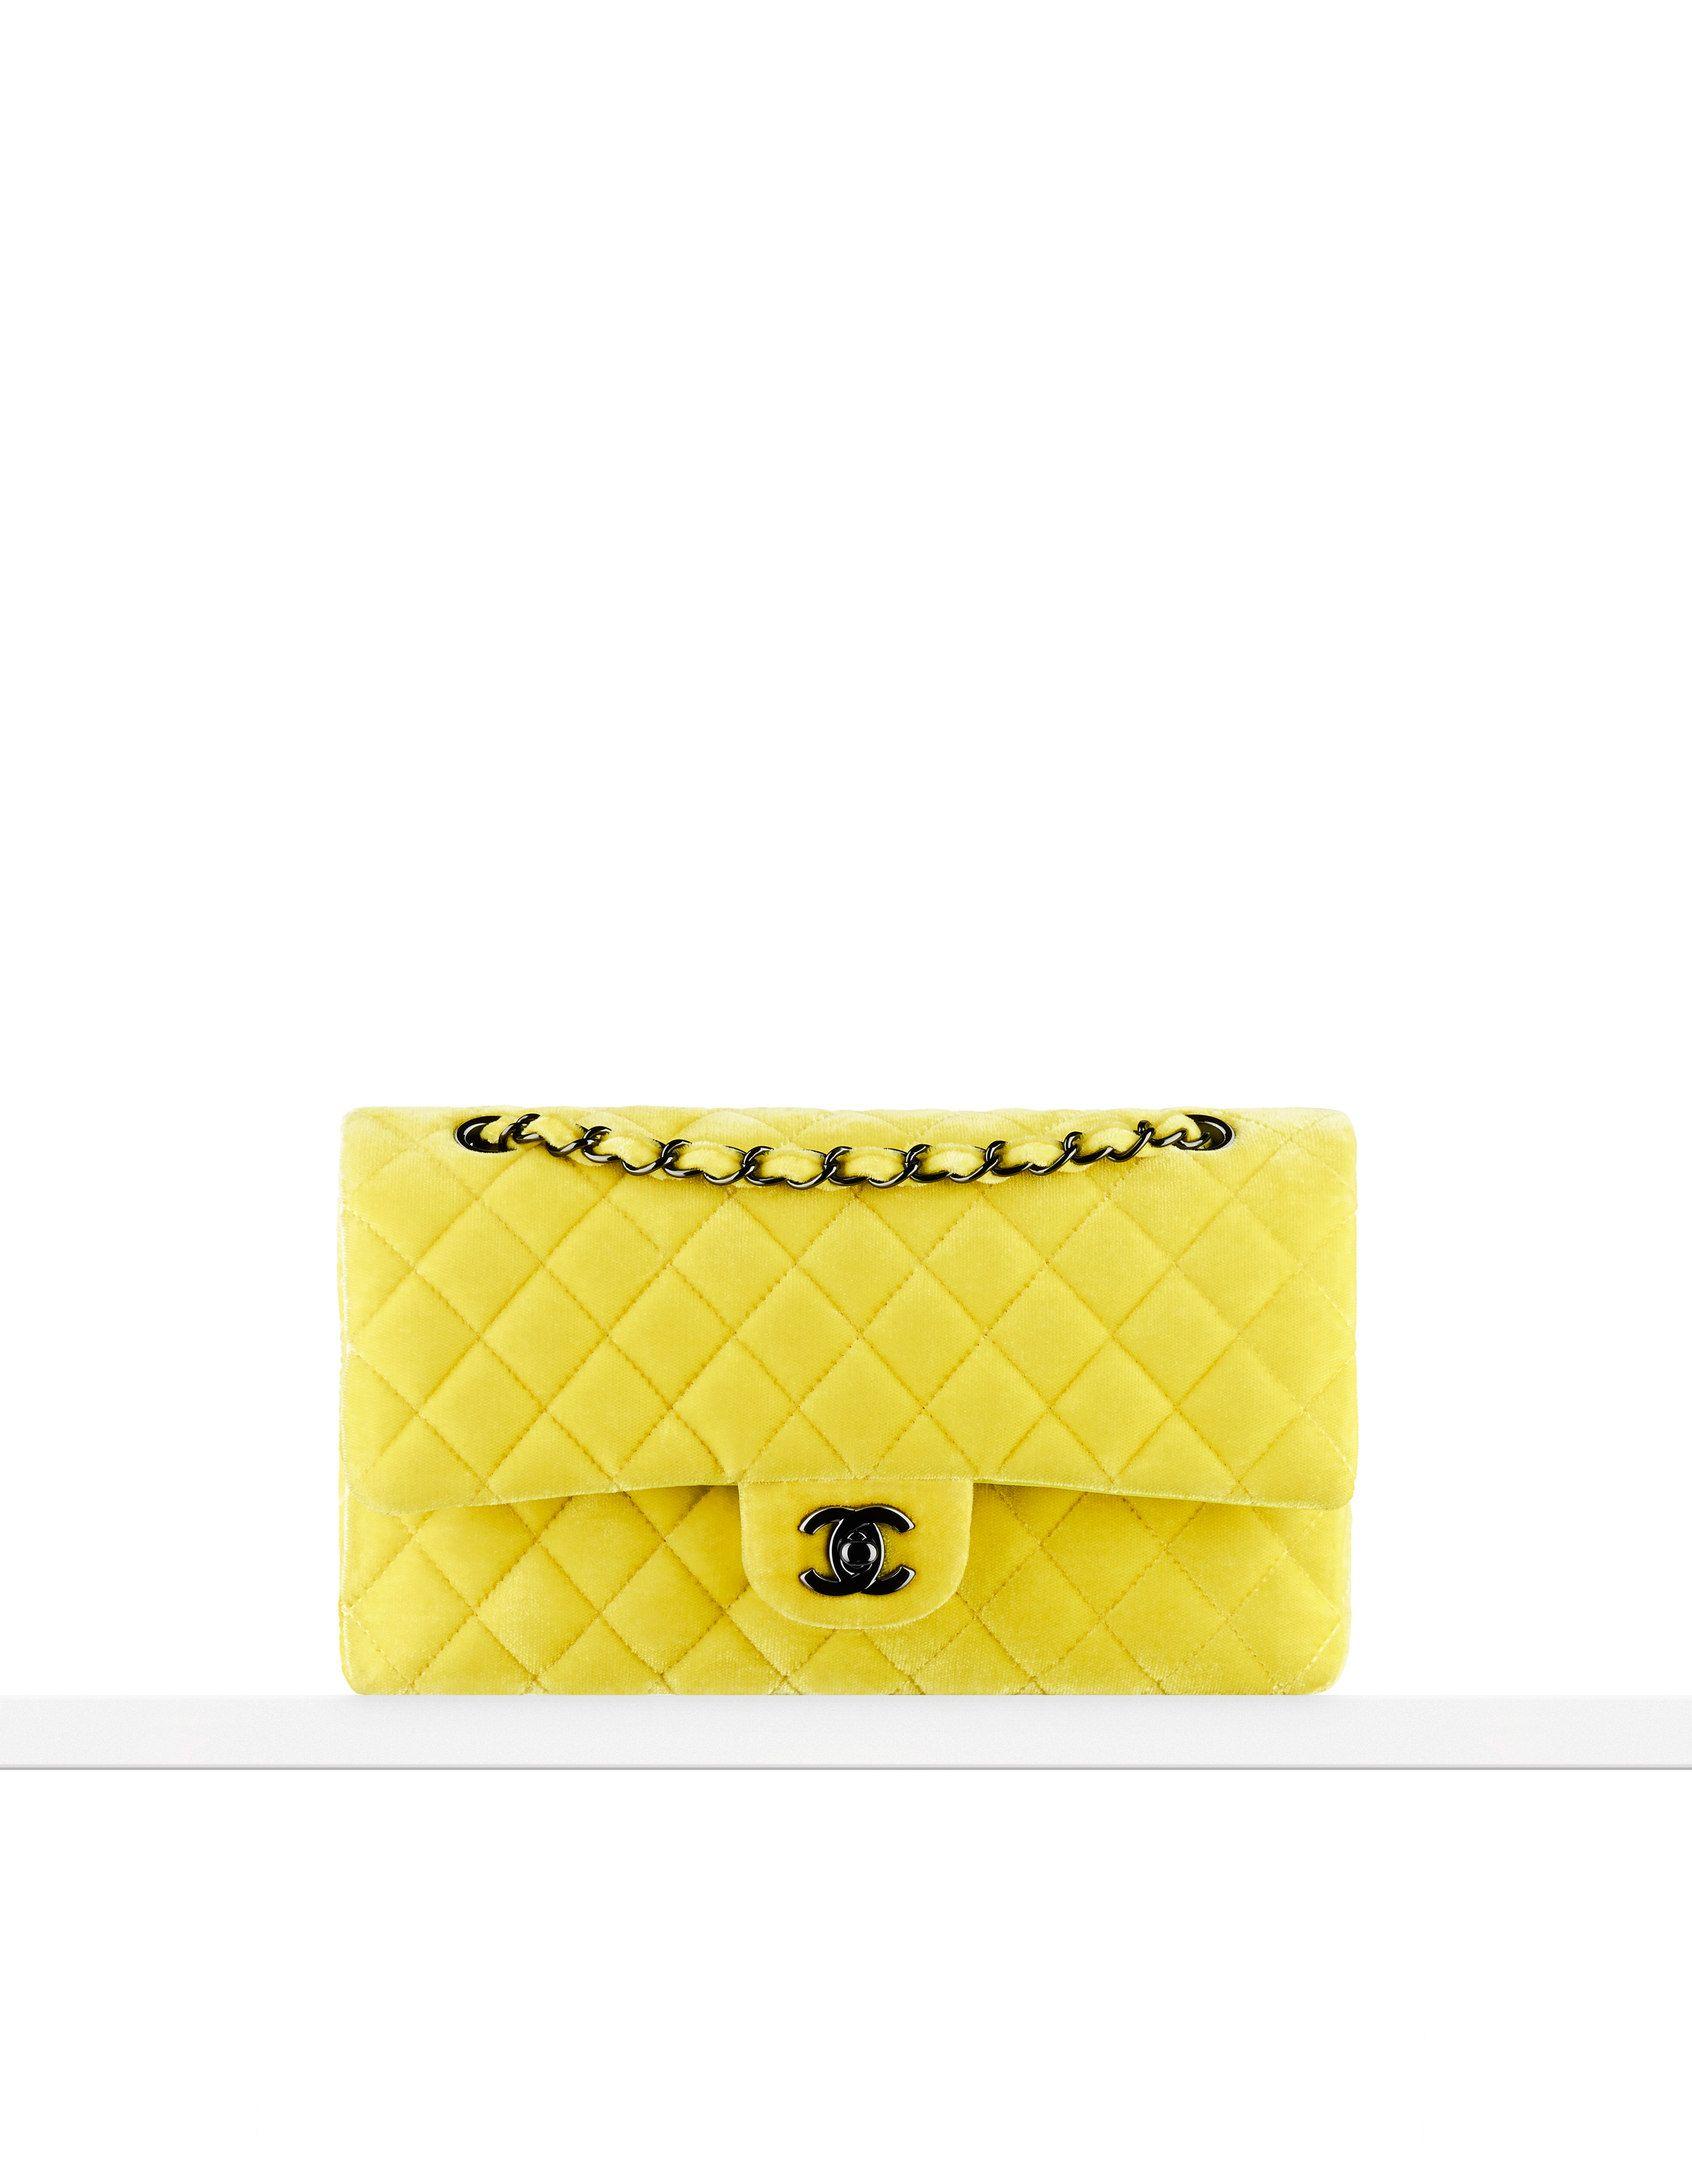 Velvet classic bag - CHANEL